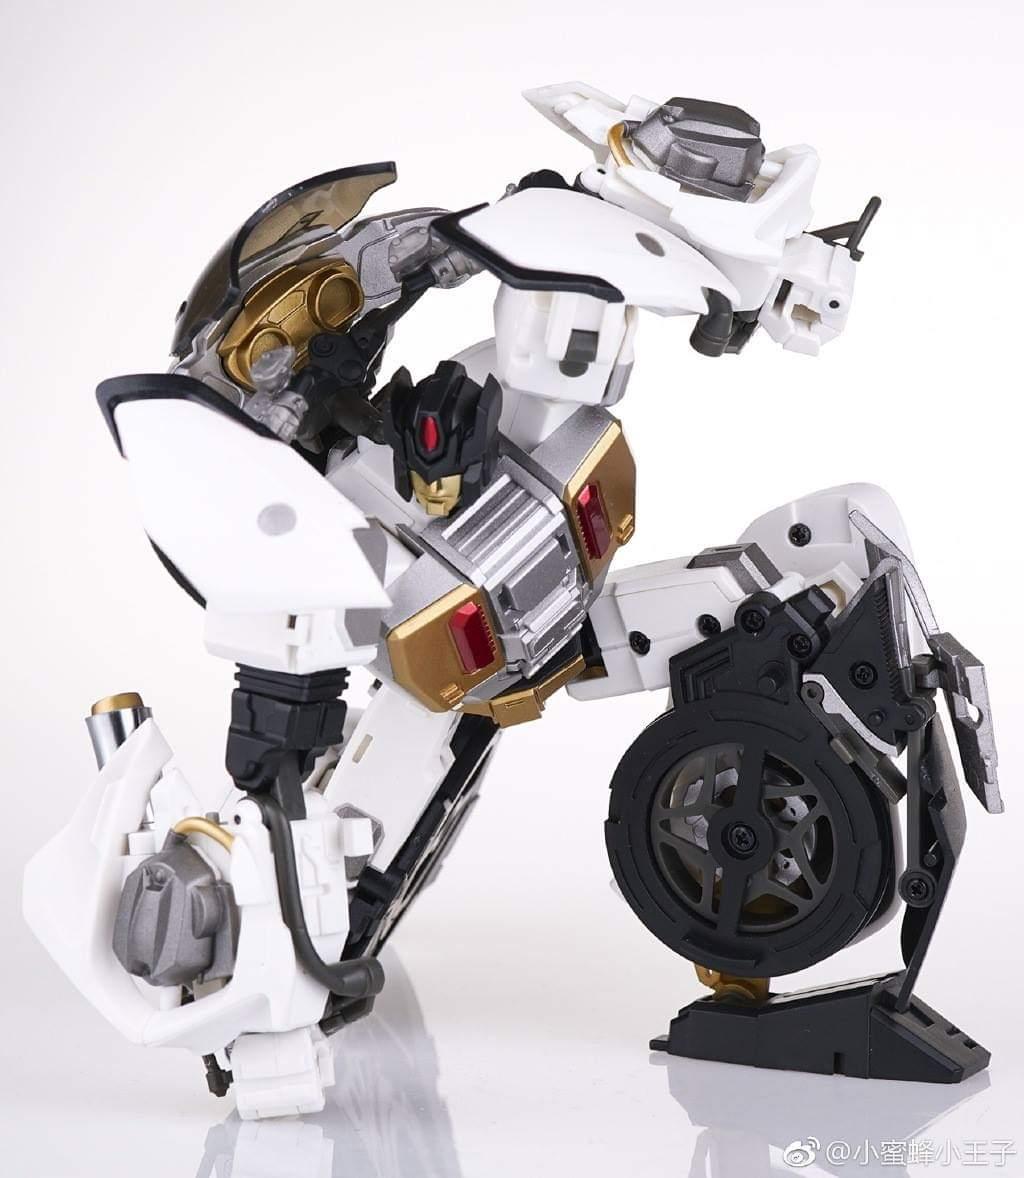 [Generation Toy] Produit Tiers - Jouet GT-08 Guardian - aka Defensor/Defenso - Page 2 SiSZ5lKD_o